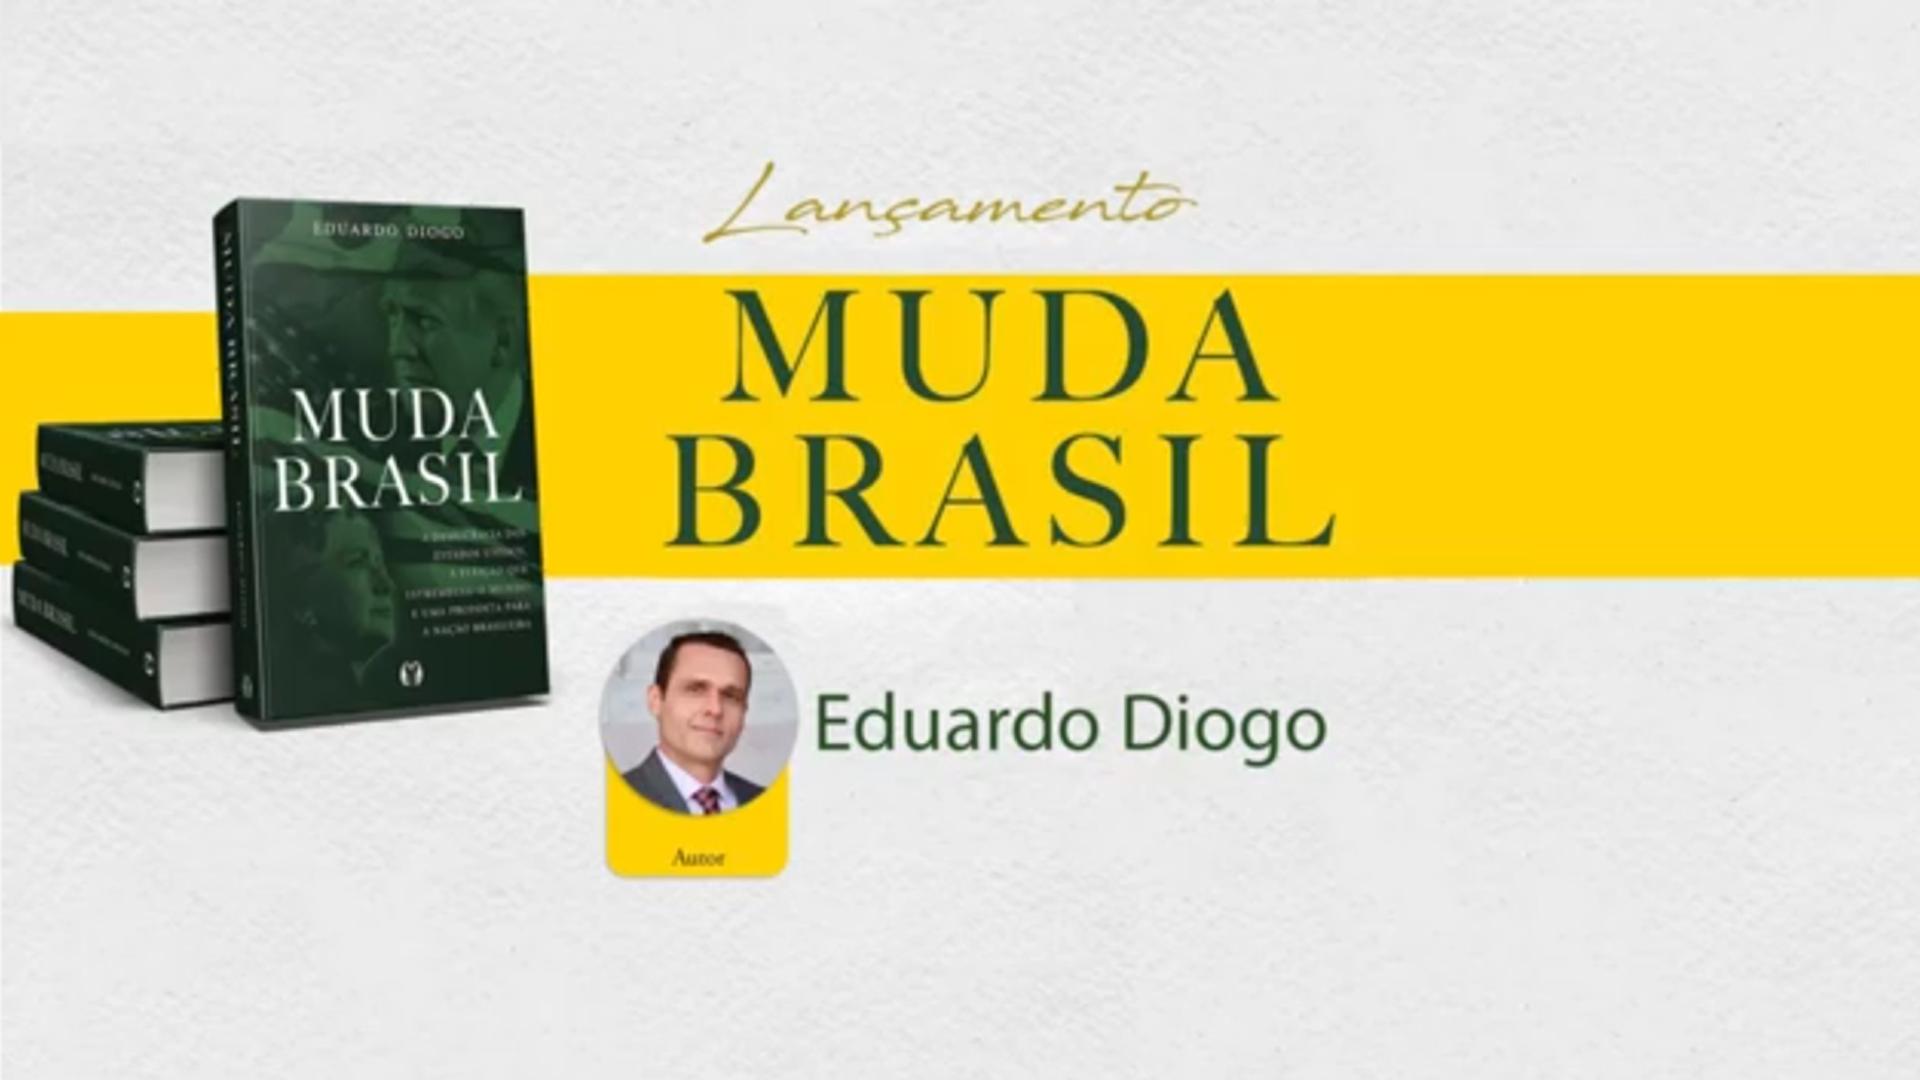 """Vídeo do Lançamento do Livro """"MUDA BRASIL"""" na FIEC!"""